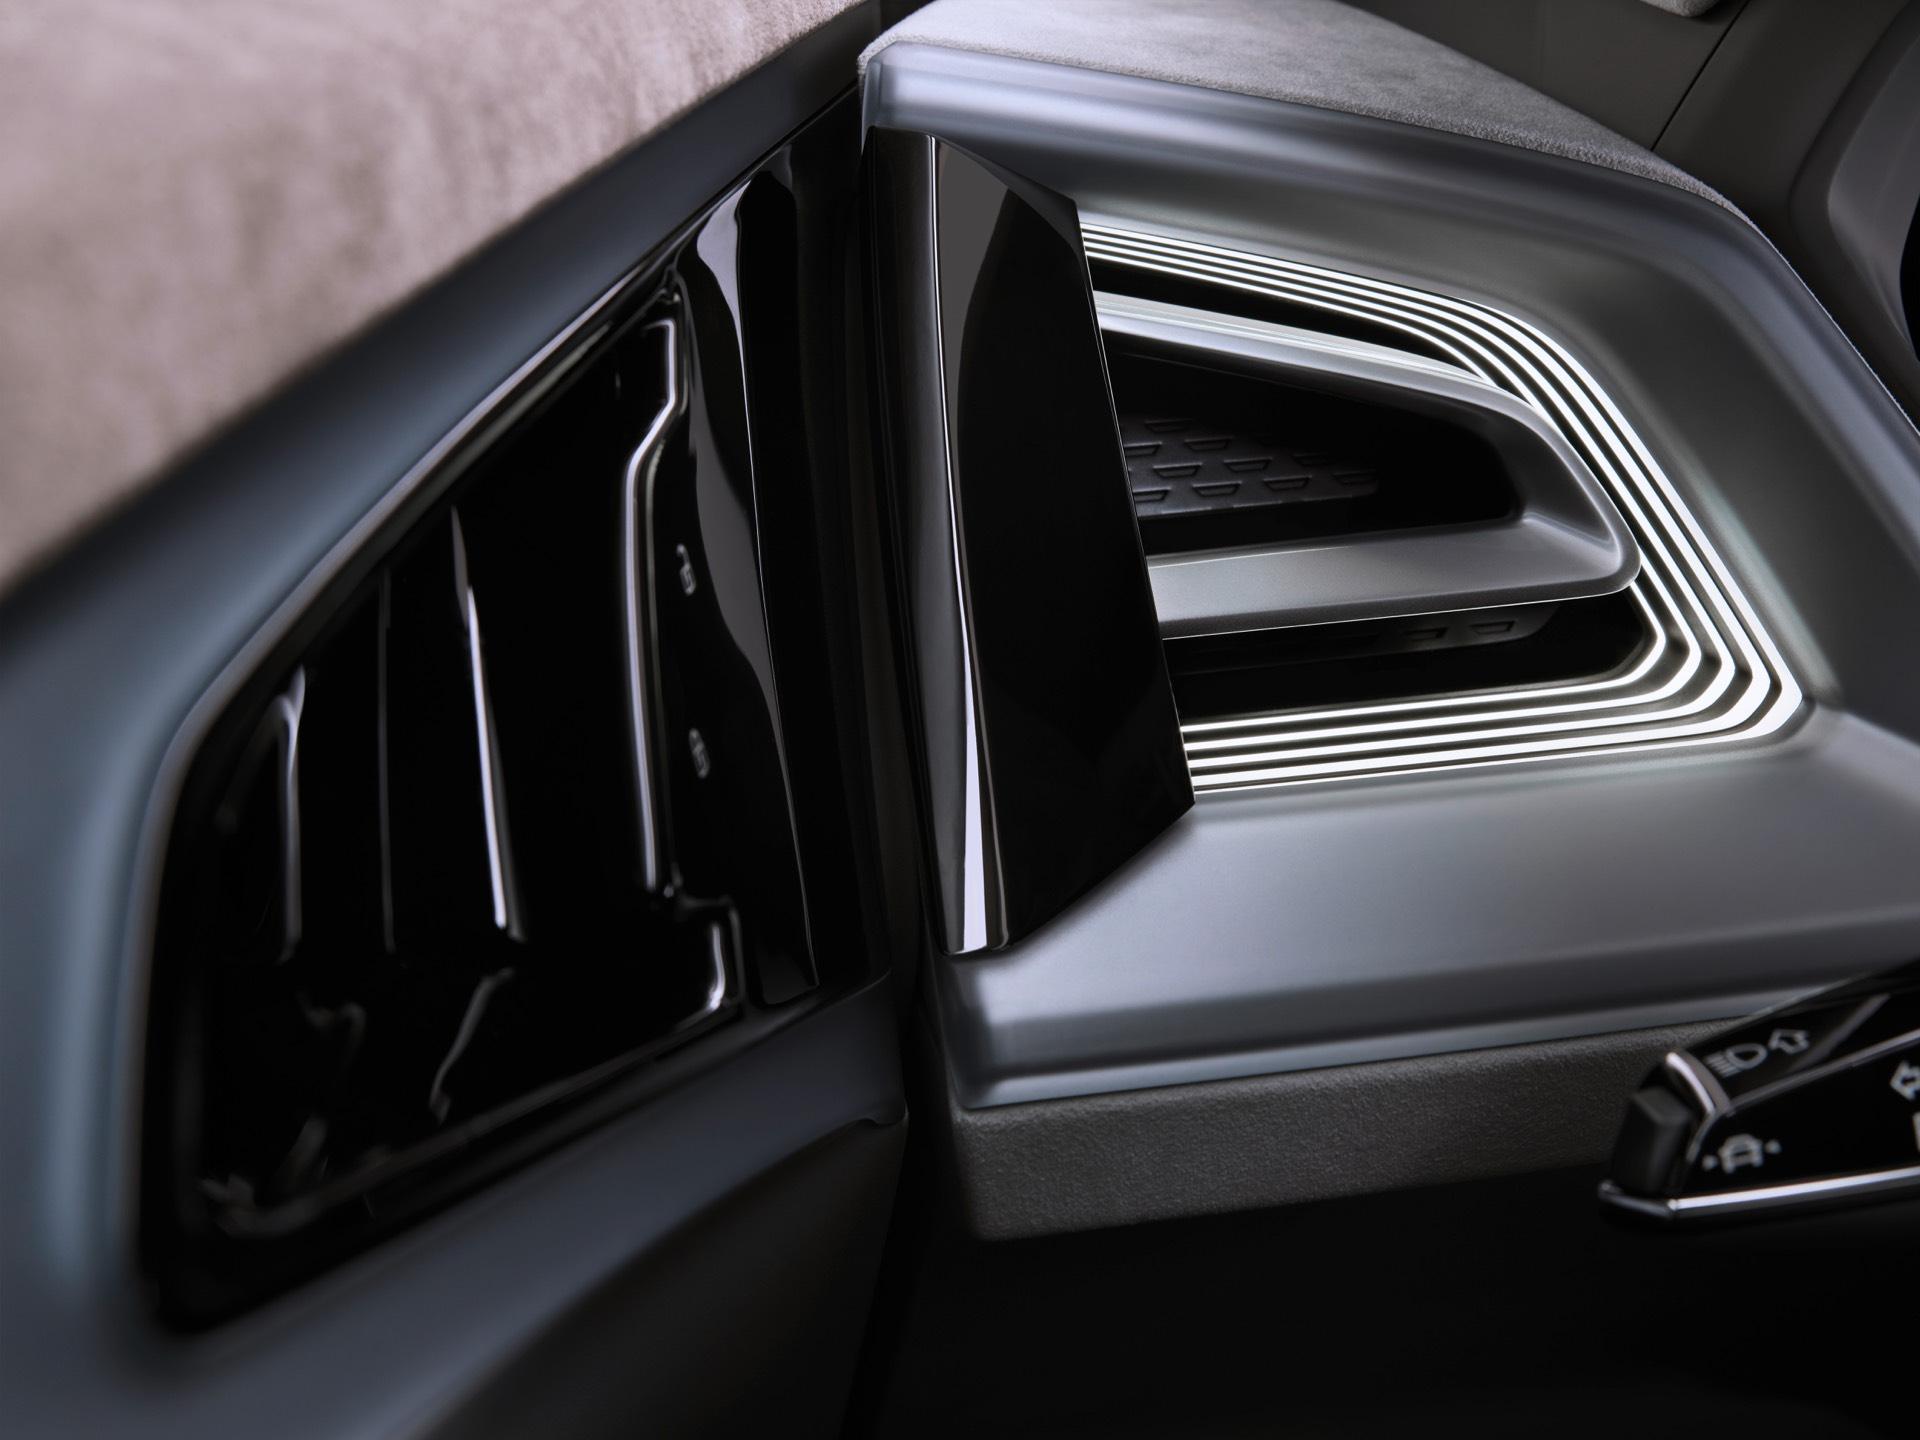 Audi Q4 e-tron Concept Air Vent